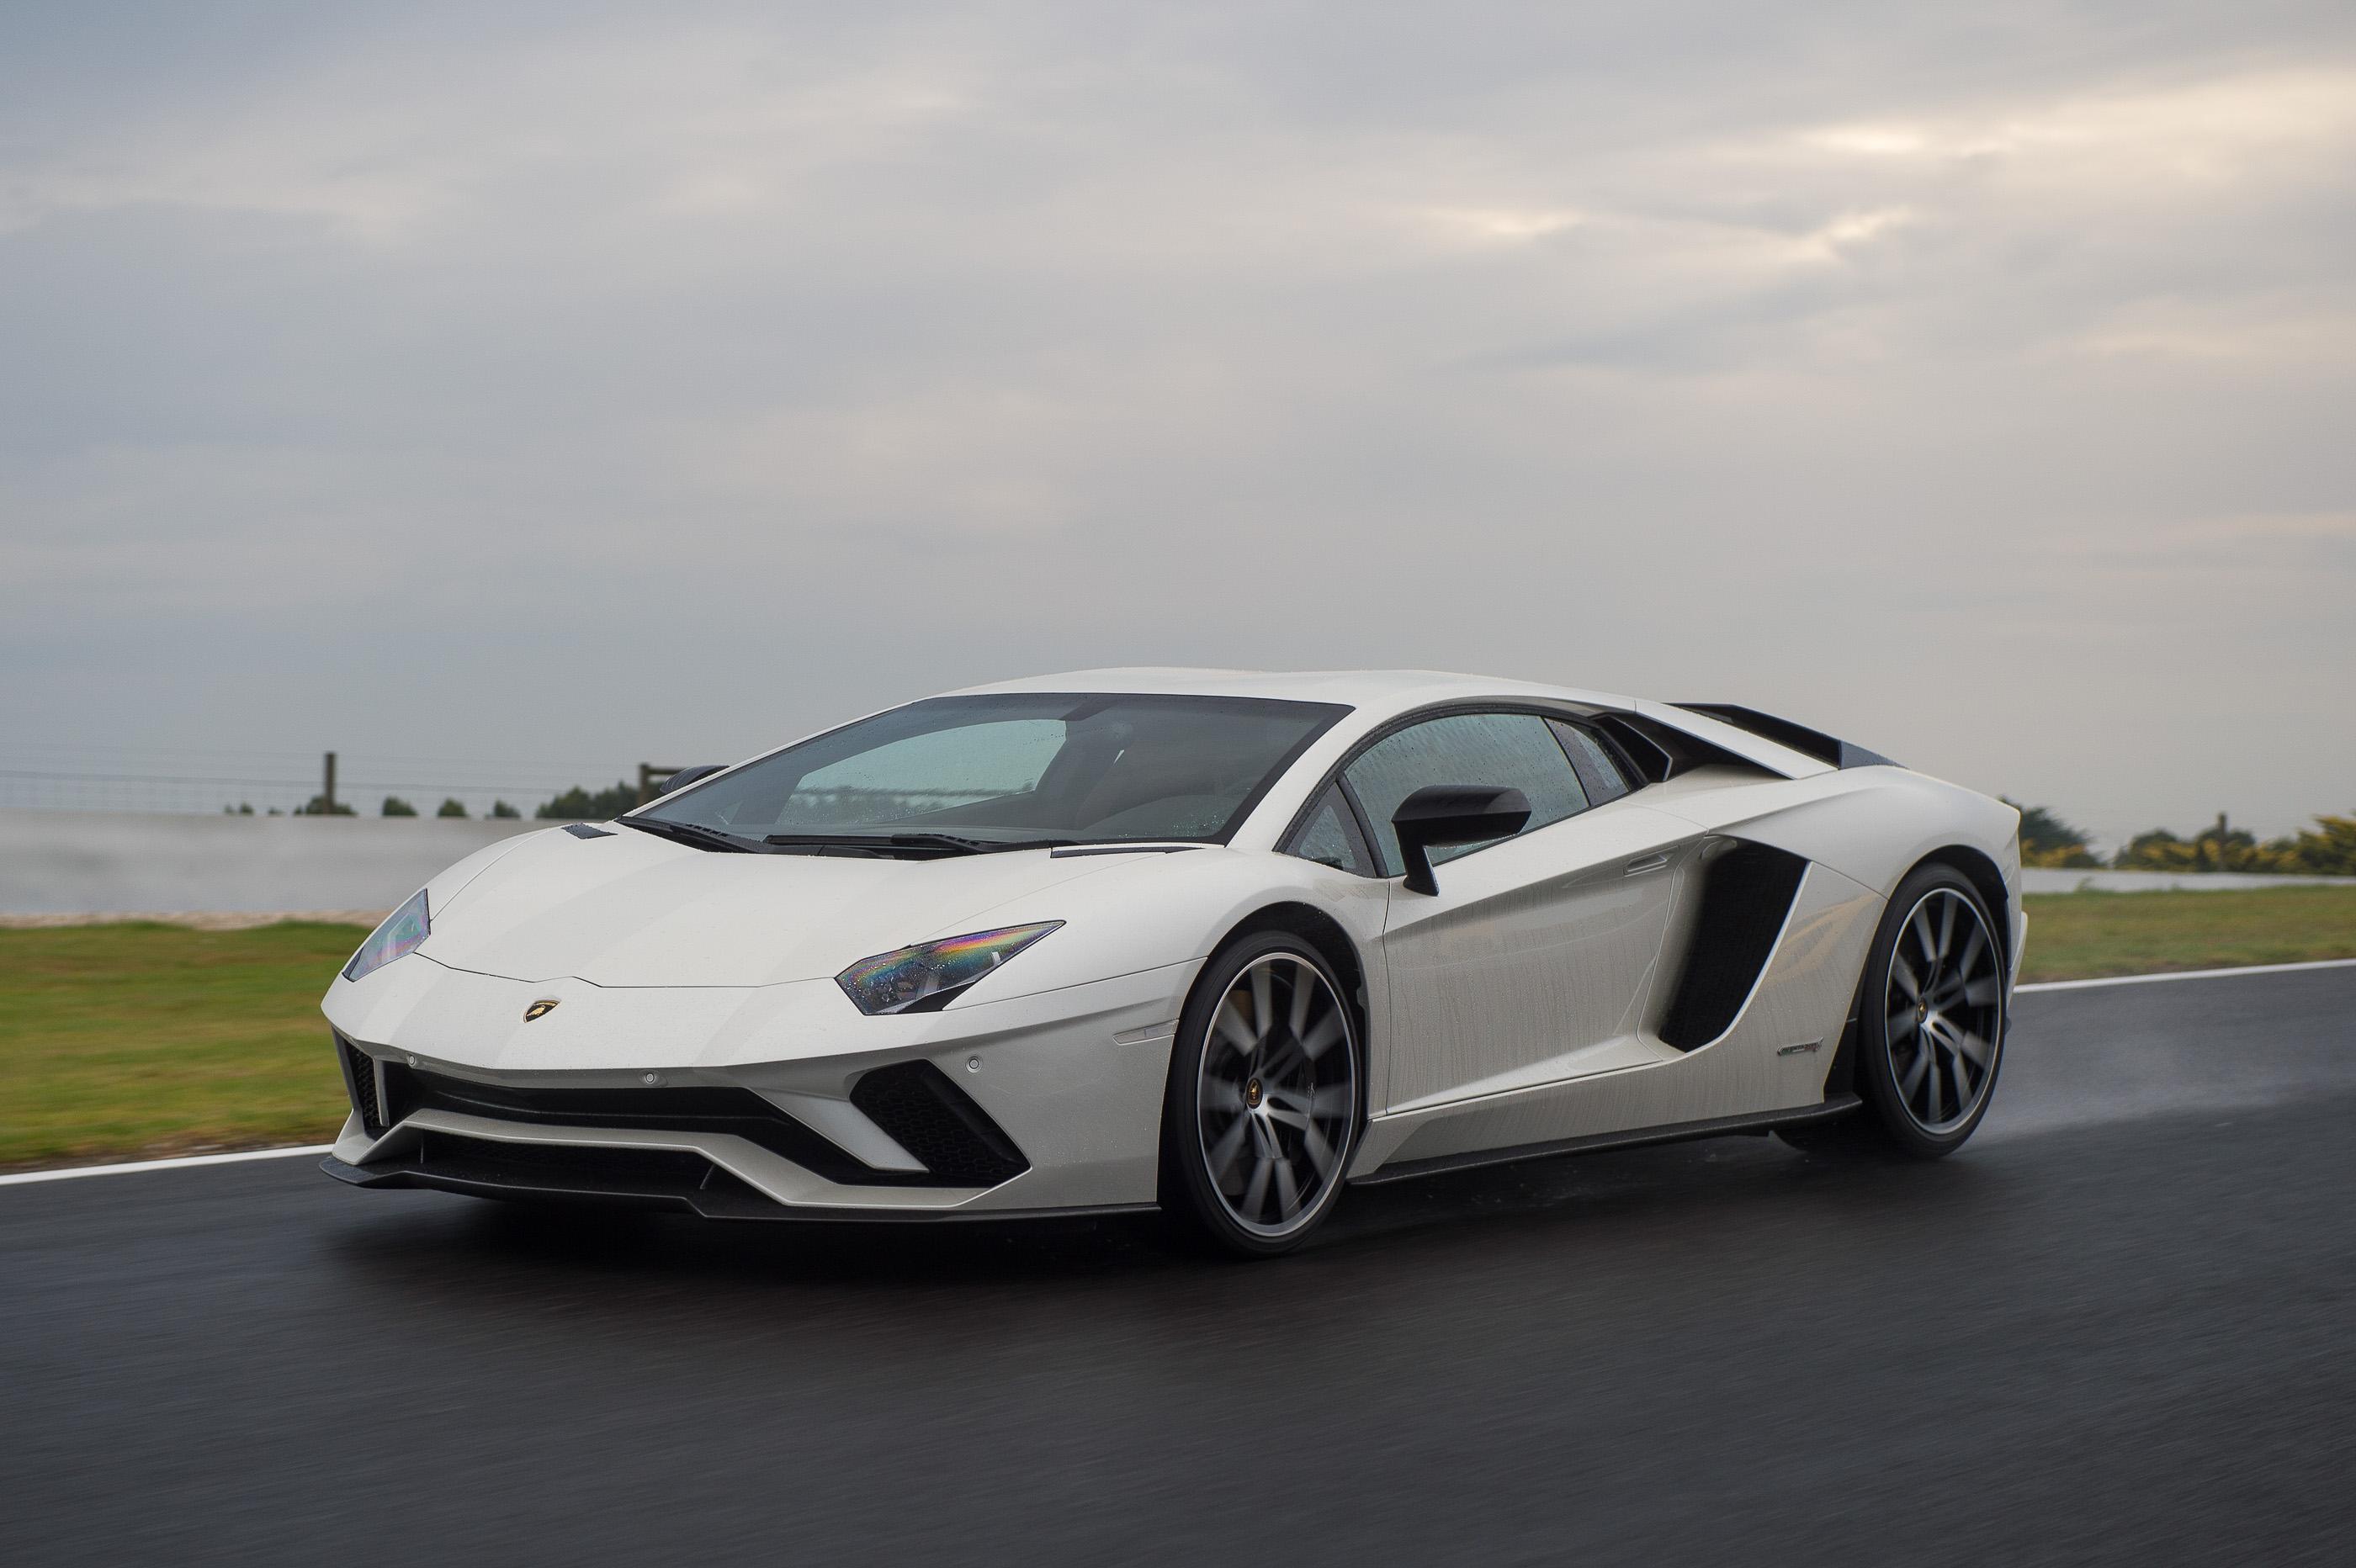 Lamborghini Aventador Price 2017 28 Images 2017